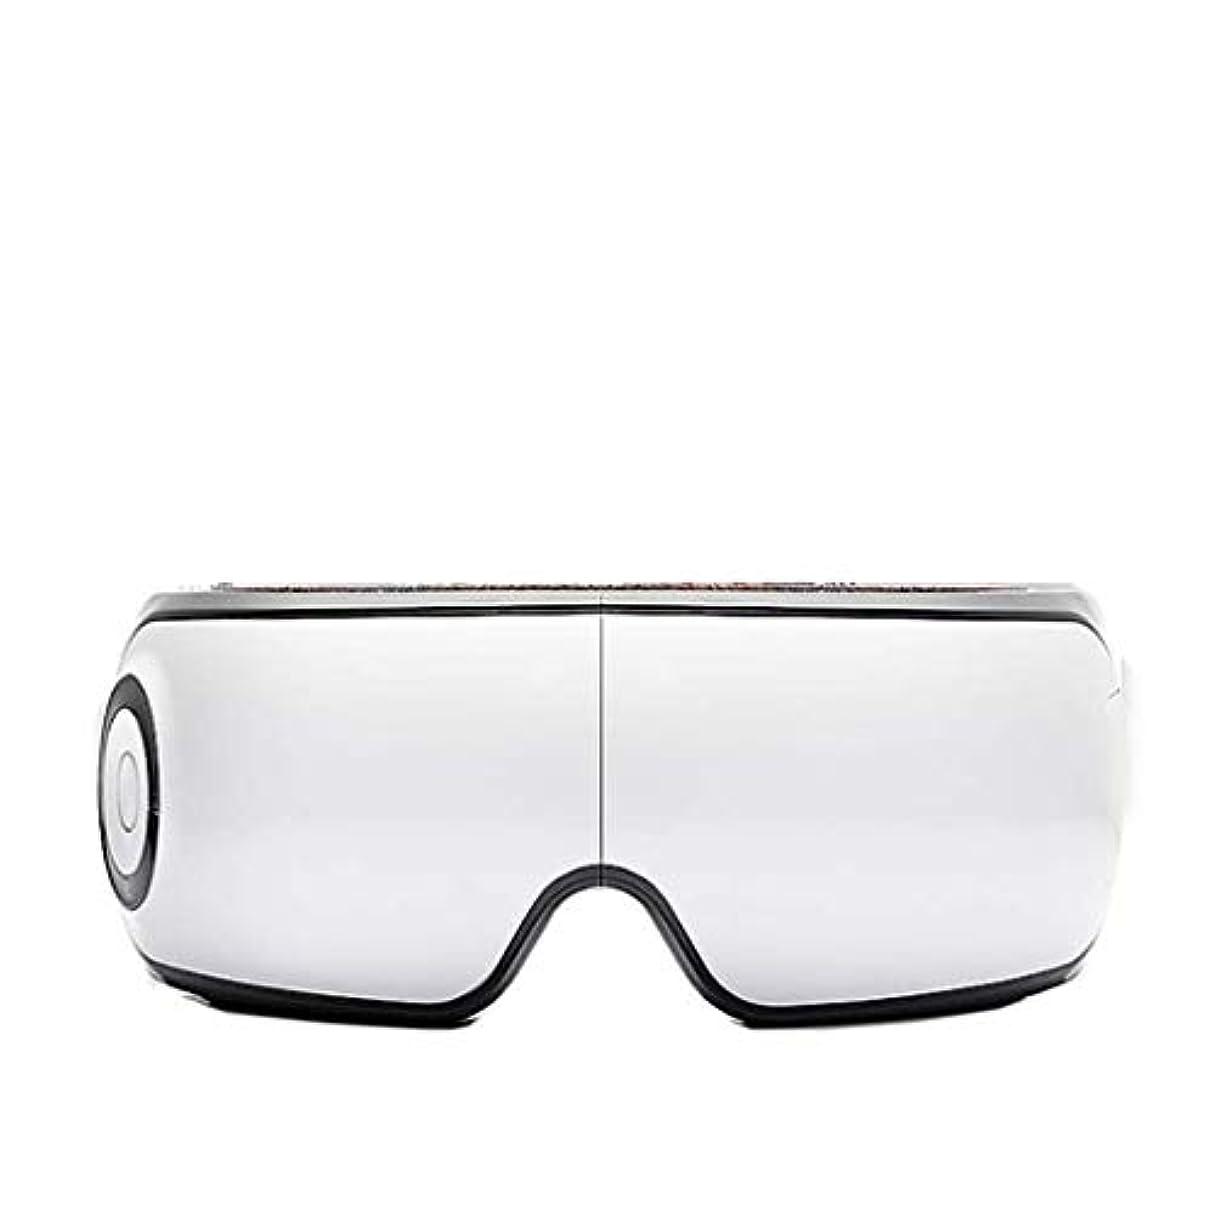 殺すピース振動させるマッサージアイマスク、折りたたみ式ワイヤレスアイマッサージャー、多機能マッサージャー、インテリジェントなワンボタン操作、アイリラクシングアイバッグとダークサークル、目の疲れを軽減